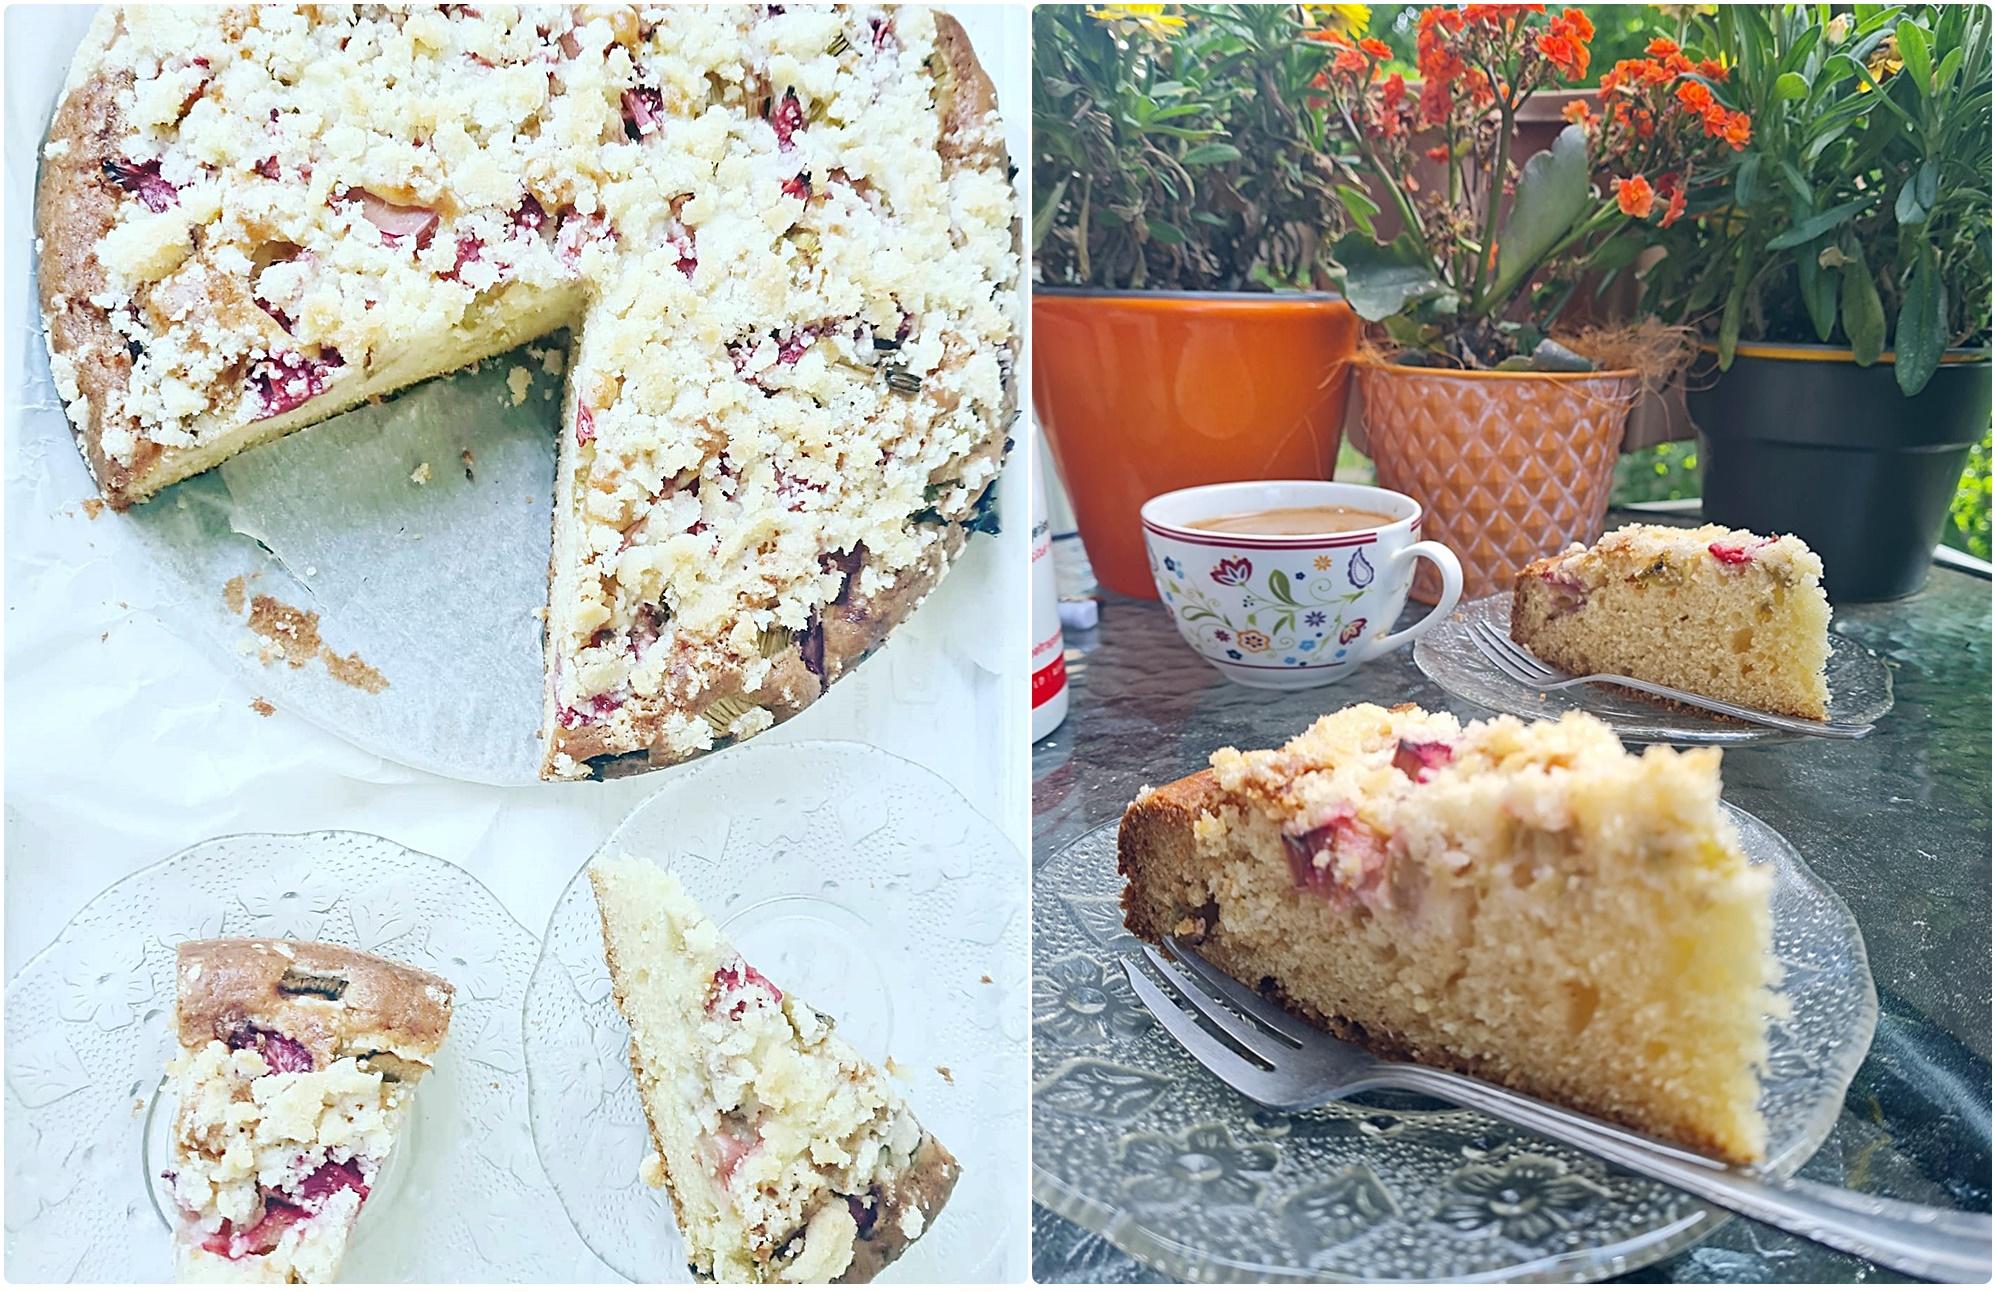 Pyszne ciasto z rabarbarem, truskawkami i maślaną kruszonką